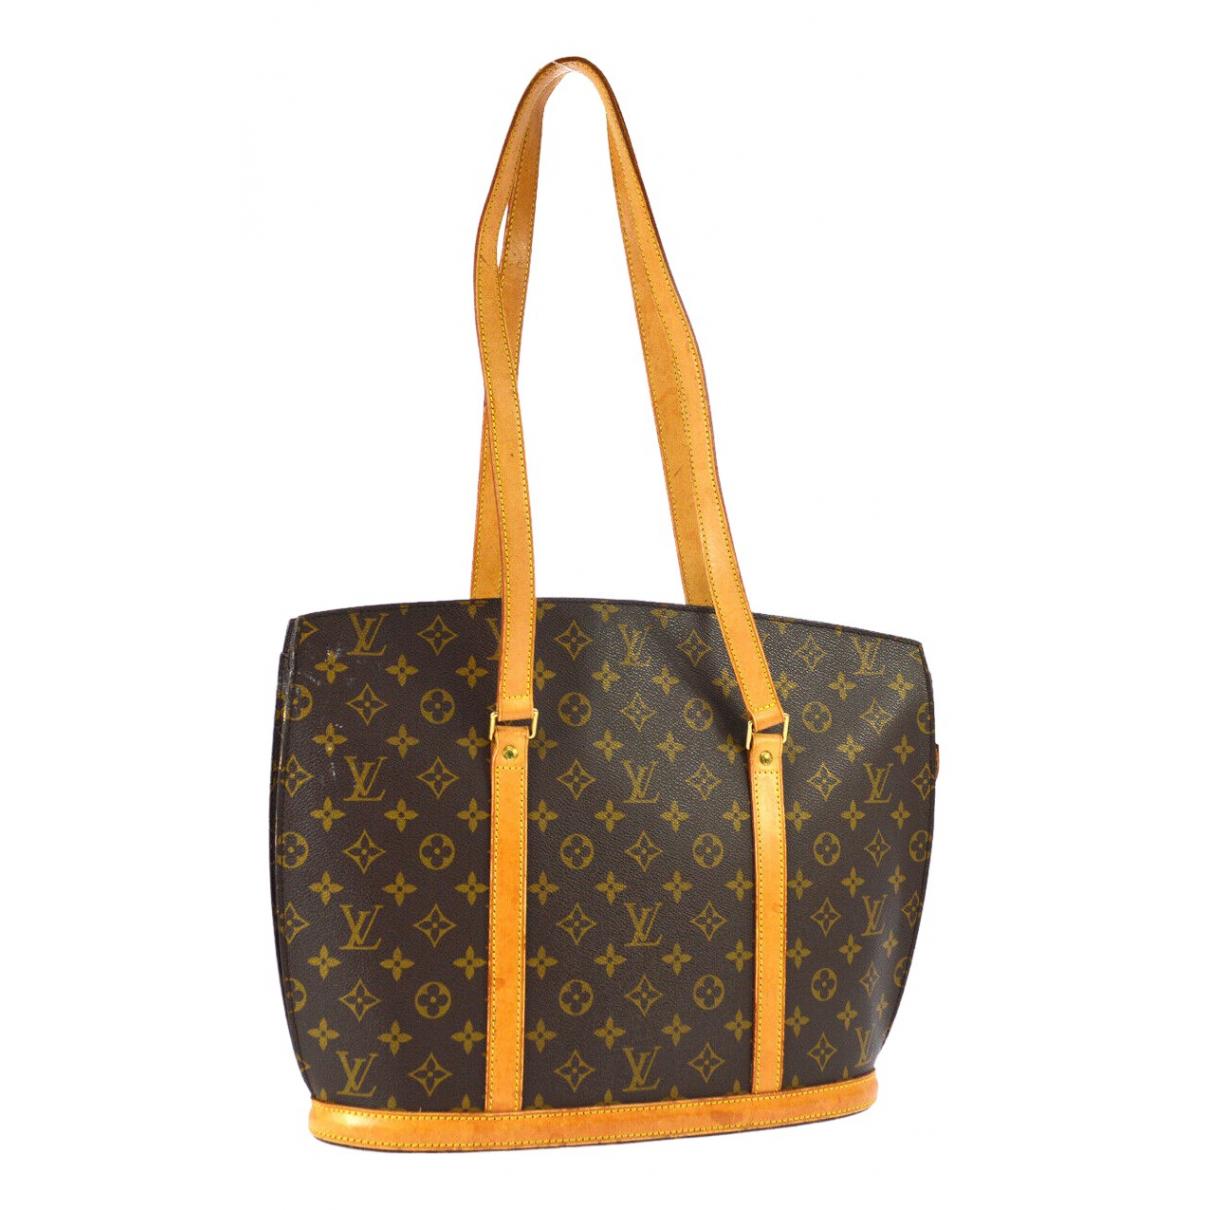 Louis Vuitton - Sac a main Babylone vintage pour femme en toile - marron